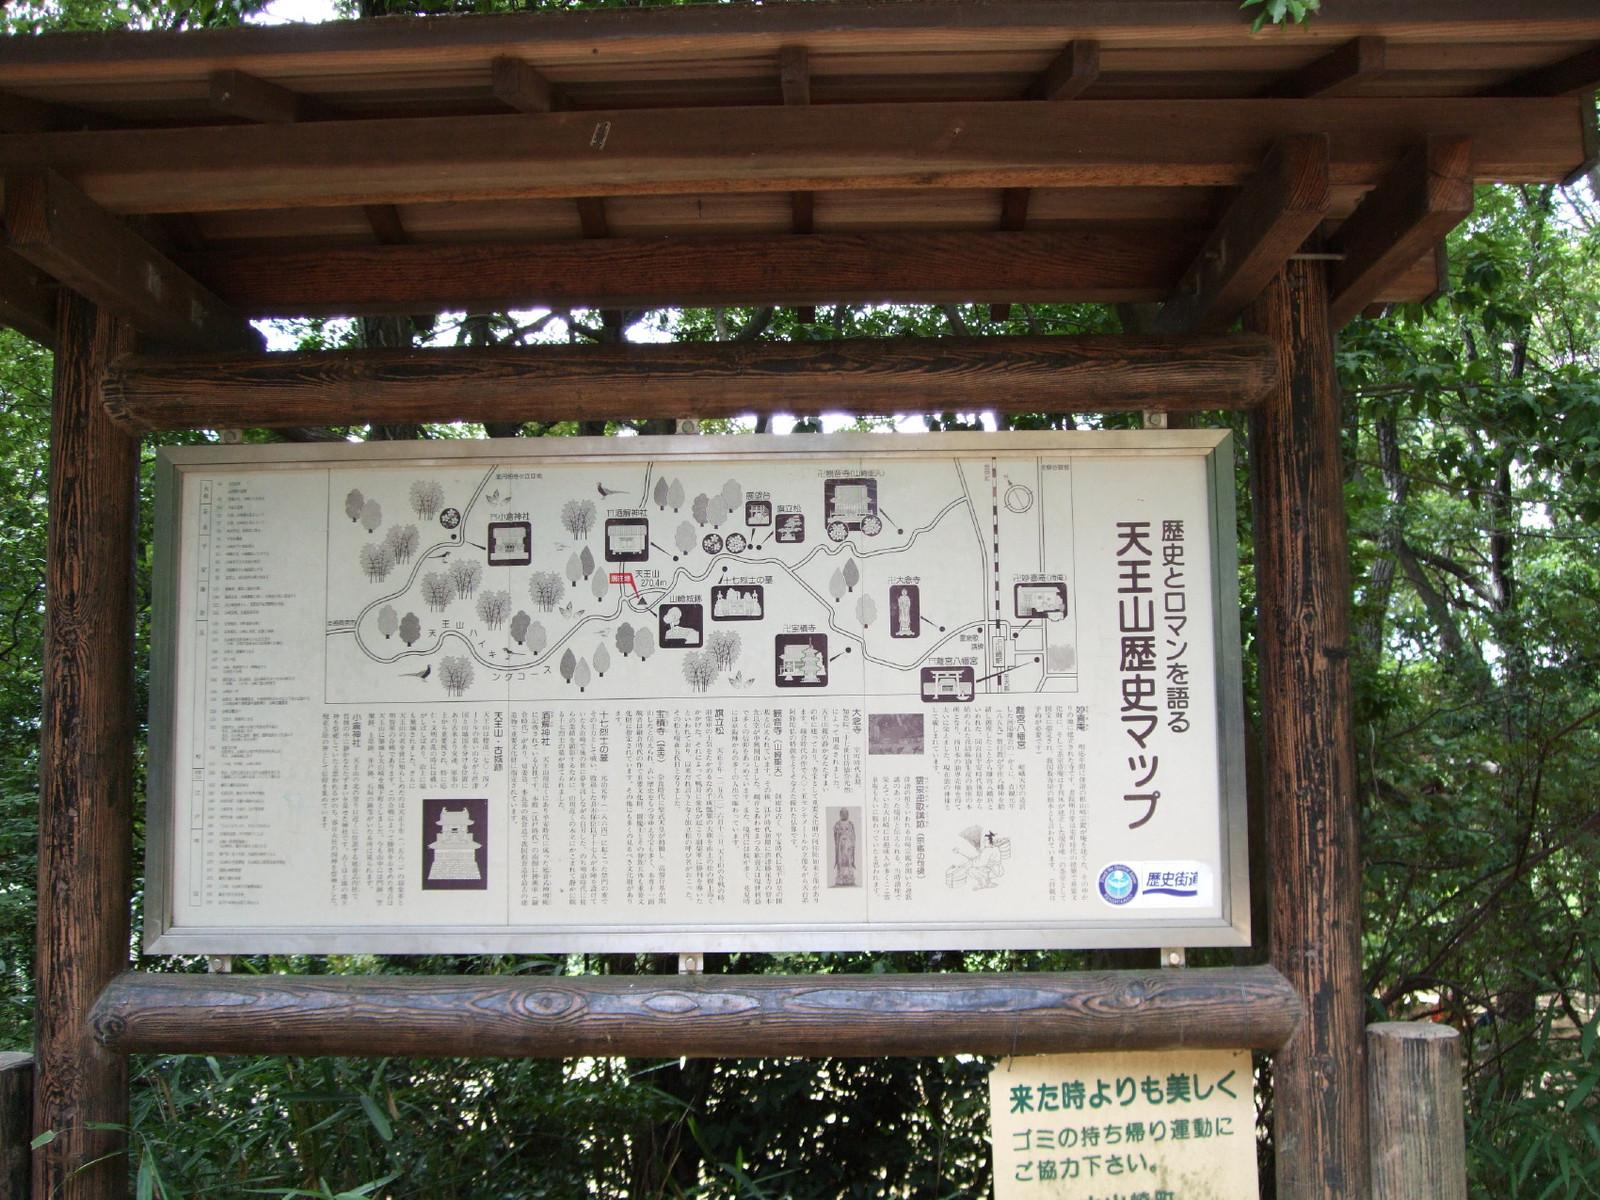 戦国の城と城跡 ・ 山崎の合戦 ...